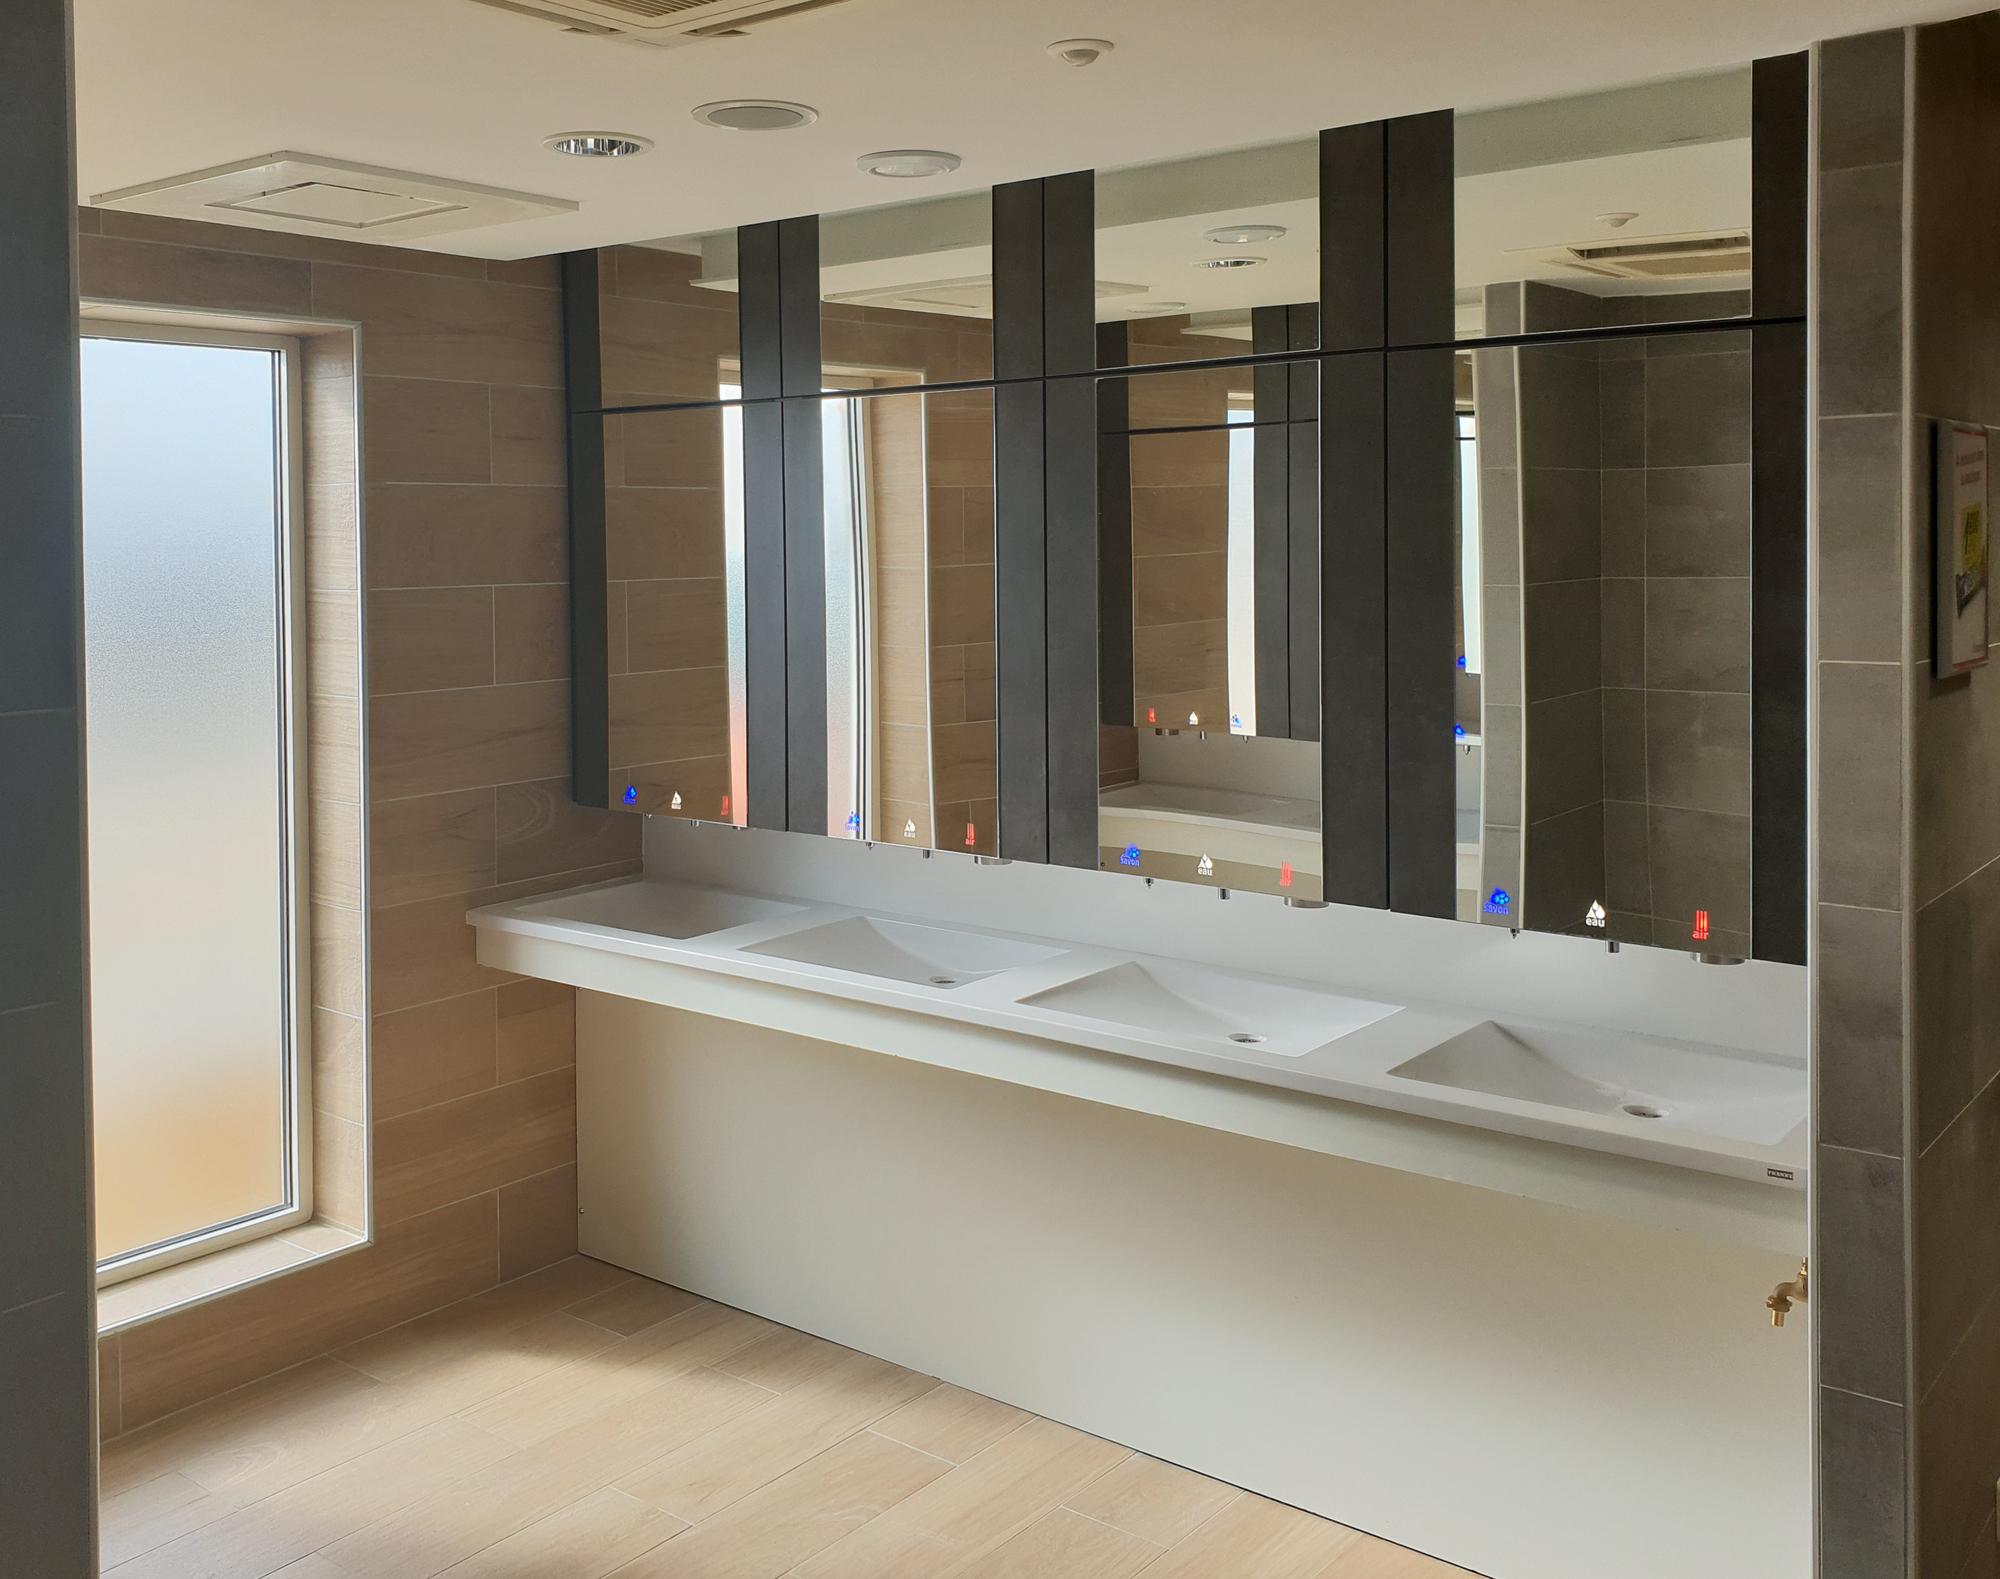 Module miroir hauteur plafond pour toilettes publiques